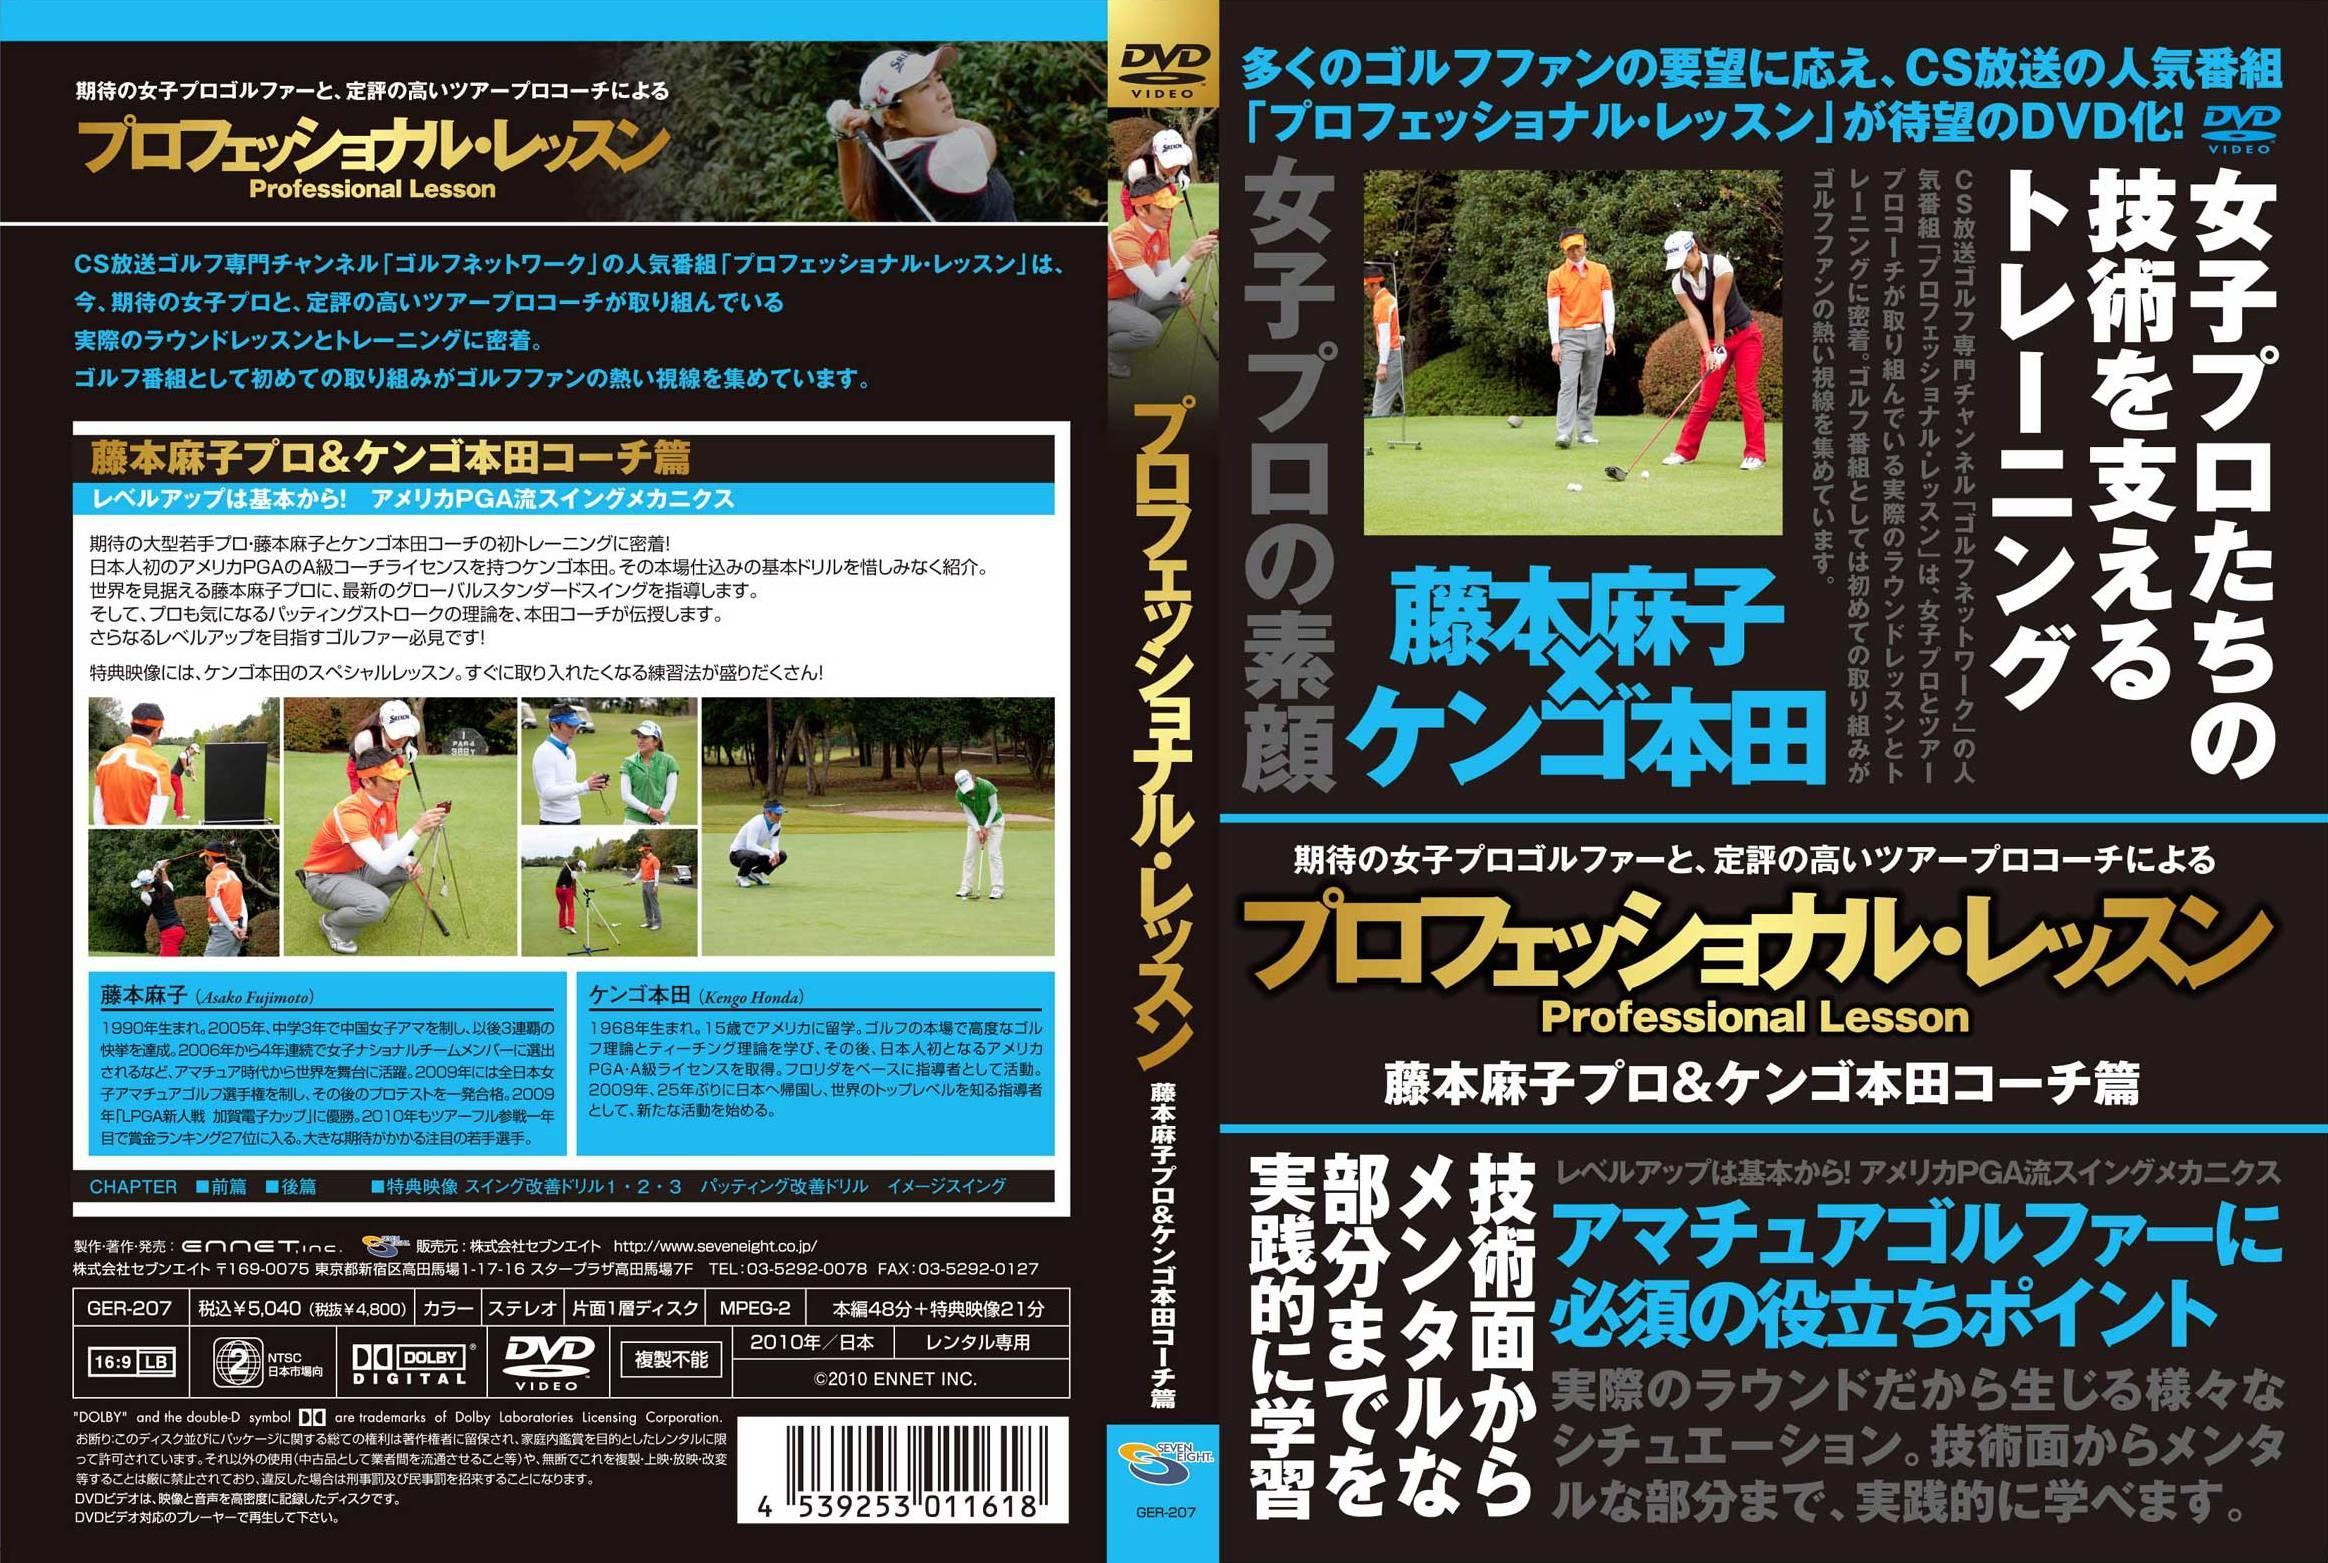 プロフェッショナル・レッスン 藤本麻子プロ&ケンゴ本田コーチ のサムネイル画像